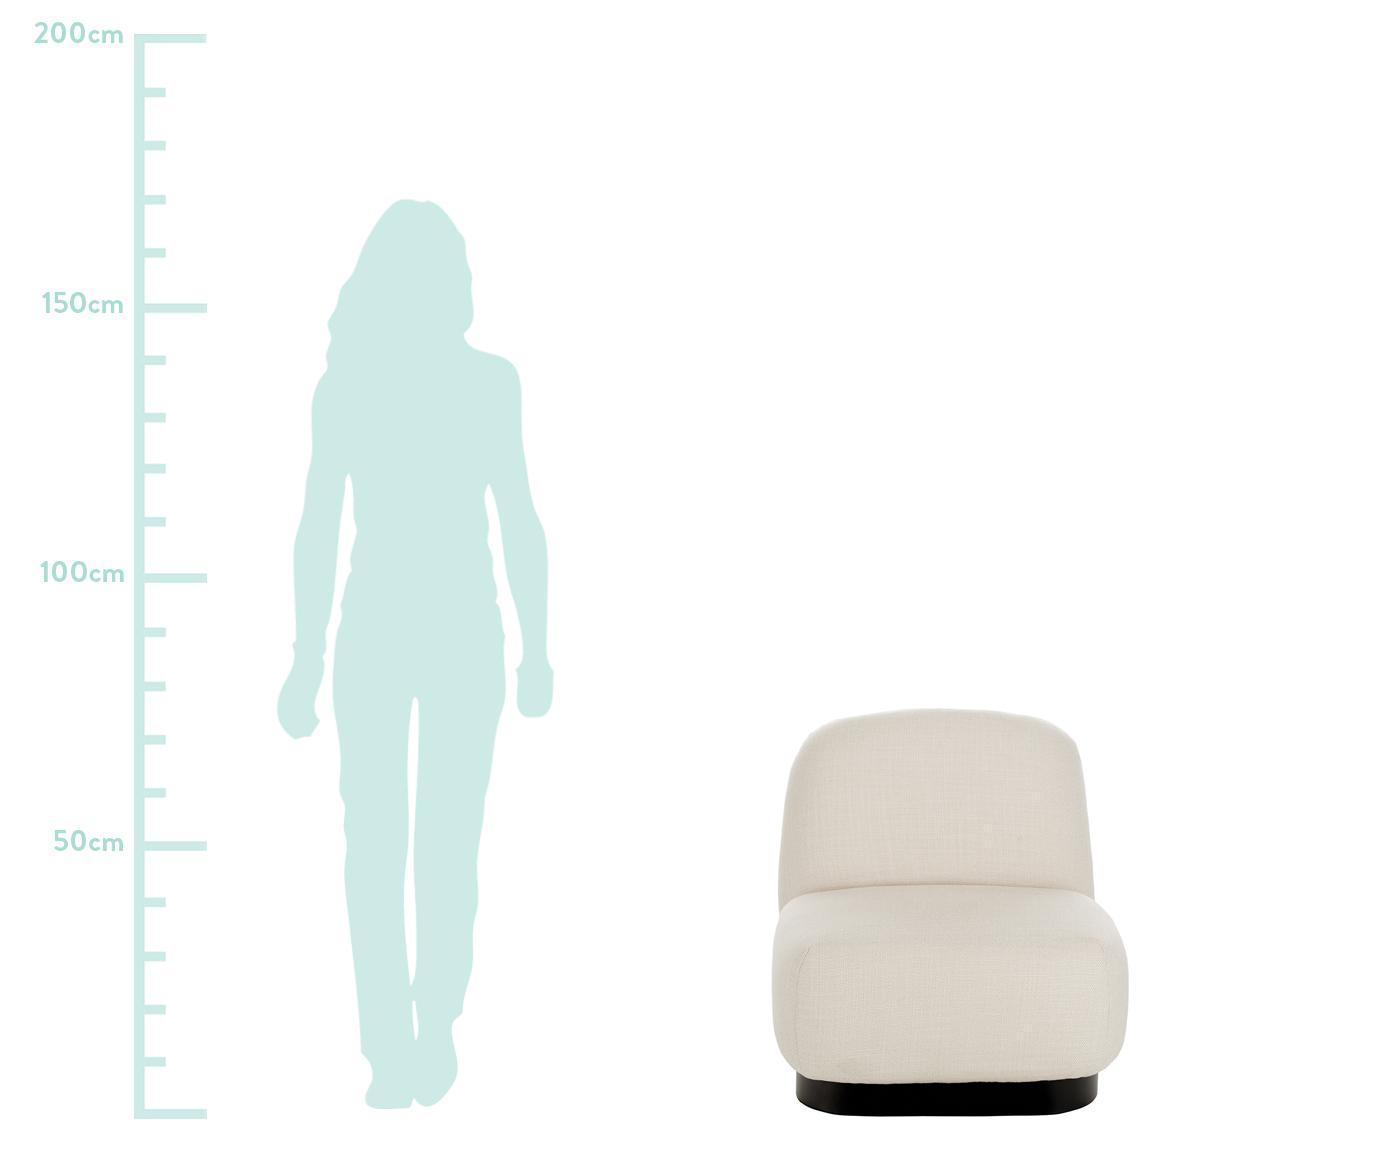 Fotel wypoczynkowy Elsie, Tapicerka: poliester, Stelaż: sklejka, lite drewno euka, Noga: metal malowany proszkowo, Kremowobiały, S 77 x G 84 cm